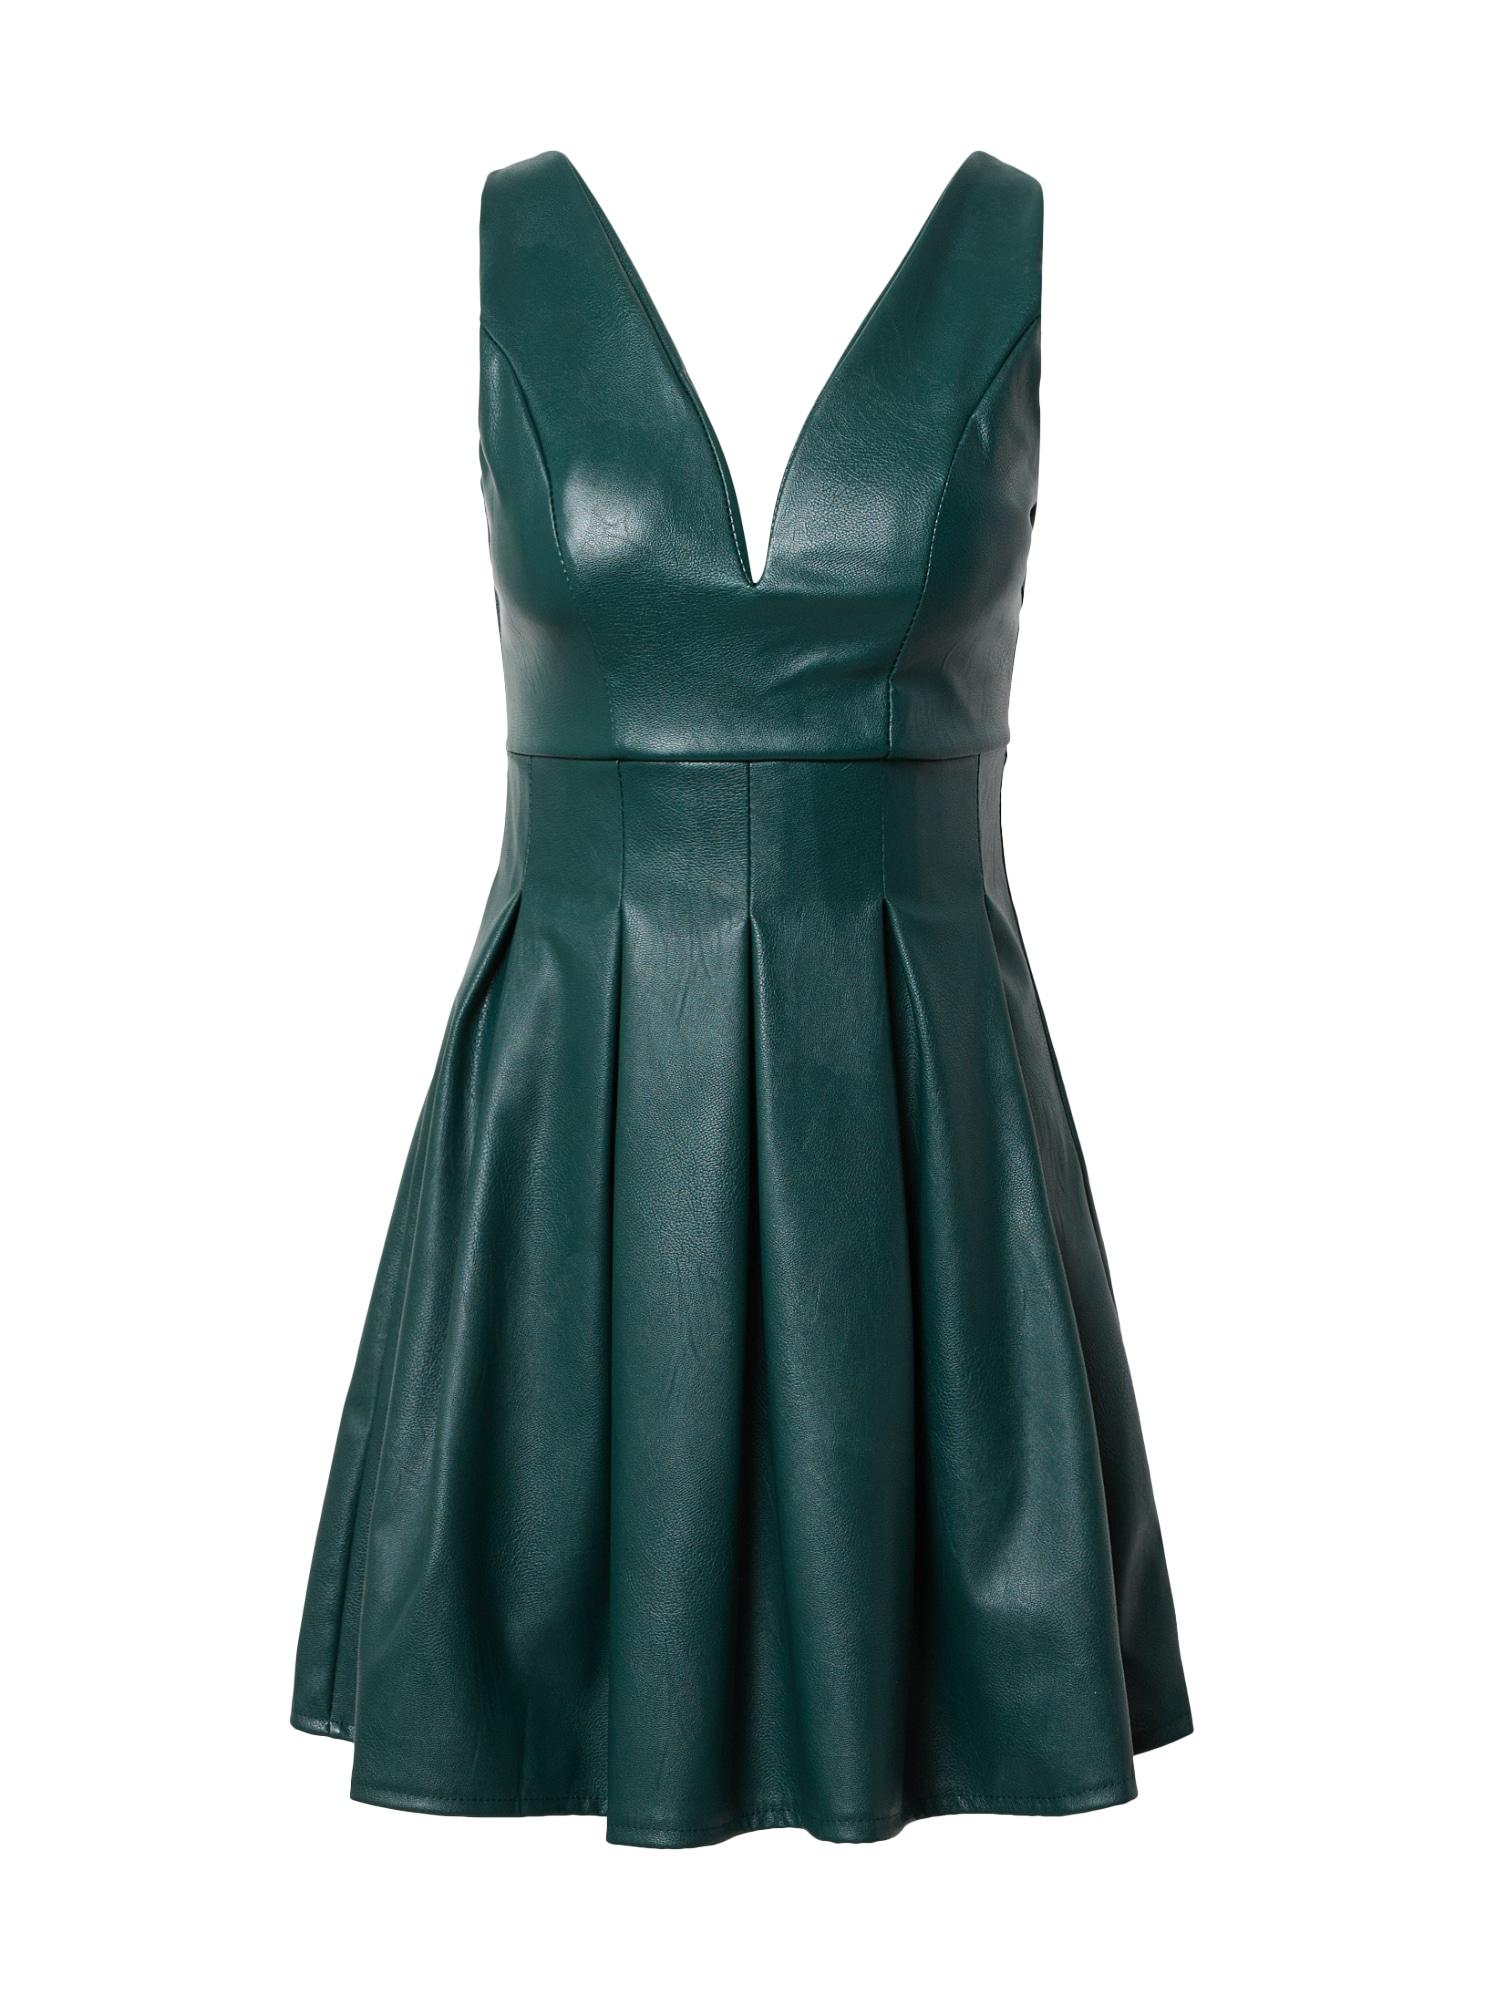 WAL G. Suknelė smaragdinė spalva